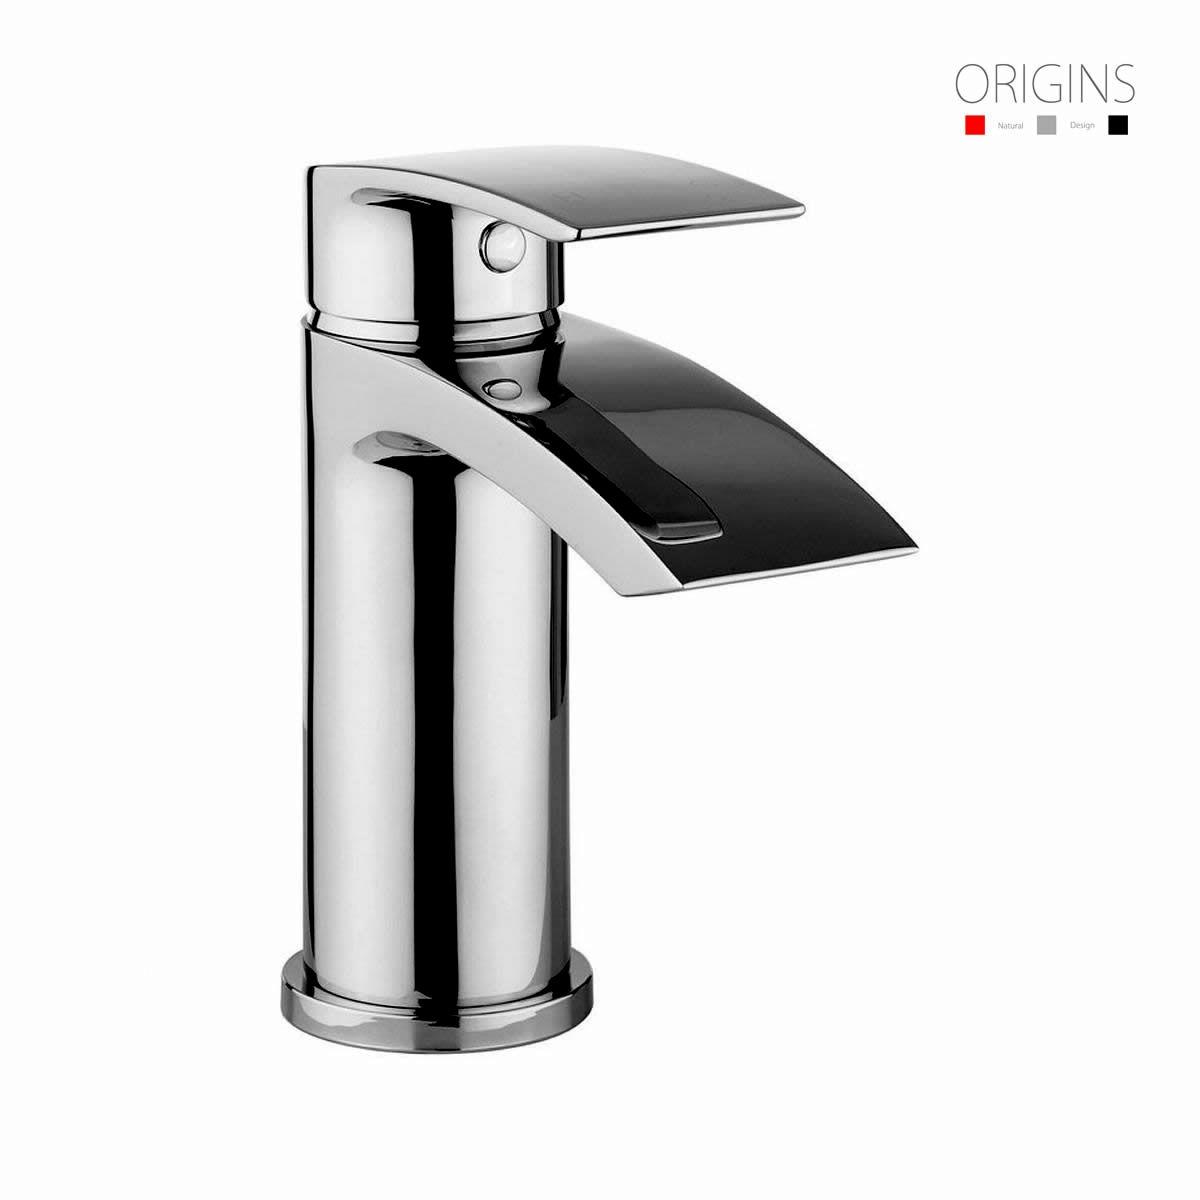 Origins Flow Bathroom Basin Mixer Tap UK Bathrooms